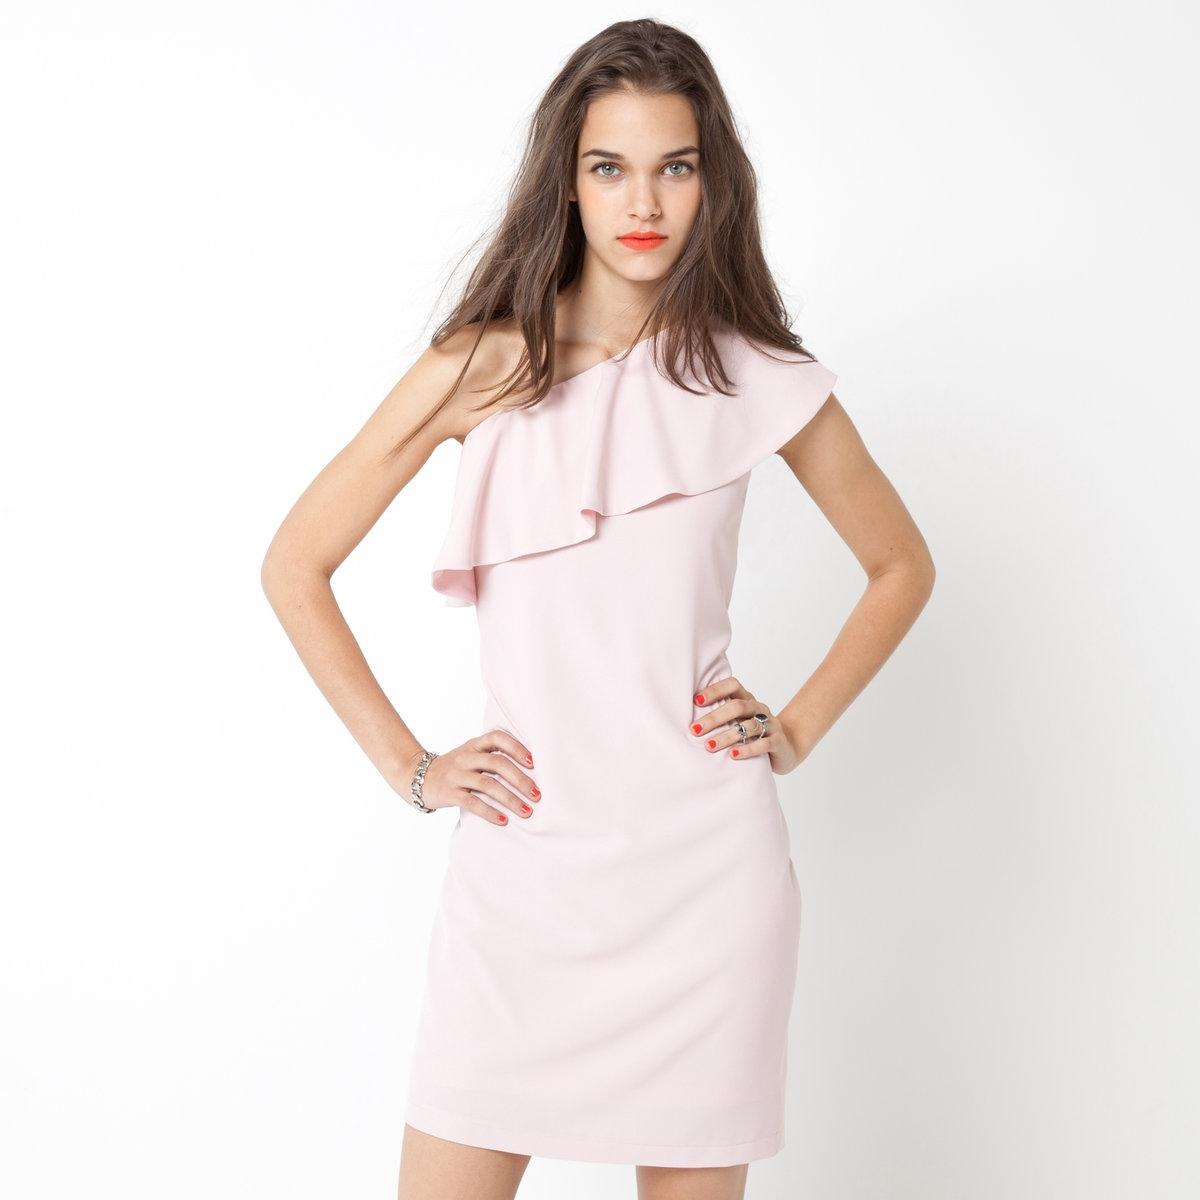 Платье асимметричноеАсимметричное платье из струящегося материала, 100% полиэстера. Воланы спереди. Застежка на молнию сбоку. Длина ок.90 см.<br><br>Цвет: розовый,черный<br>Размер: 40 (FR) - 46 (RUS).42 (FR) - 48 (RUS).36 (FR) - 42 (RUS)